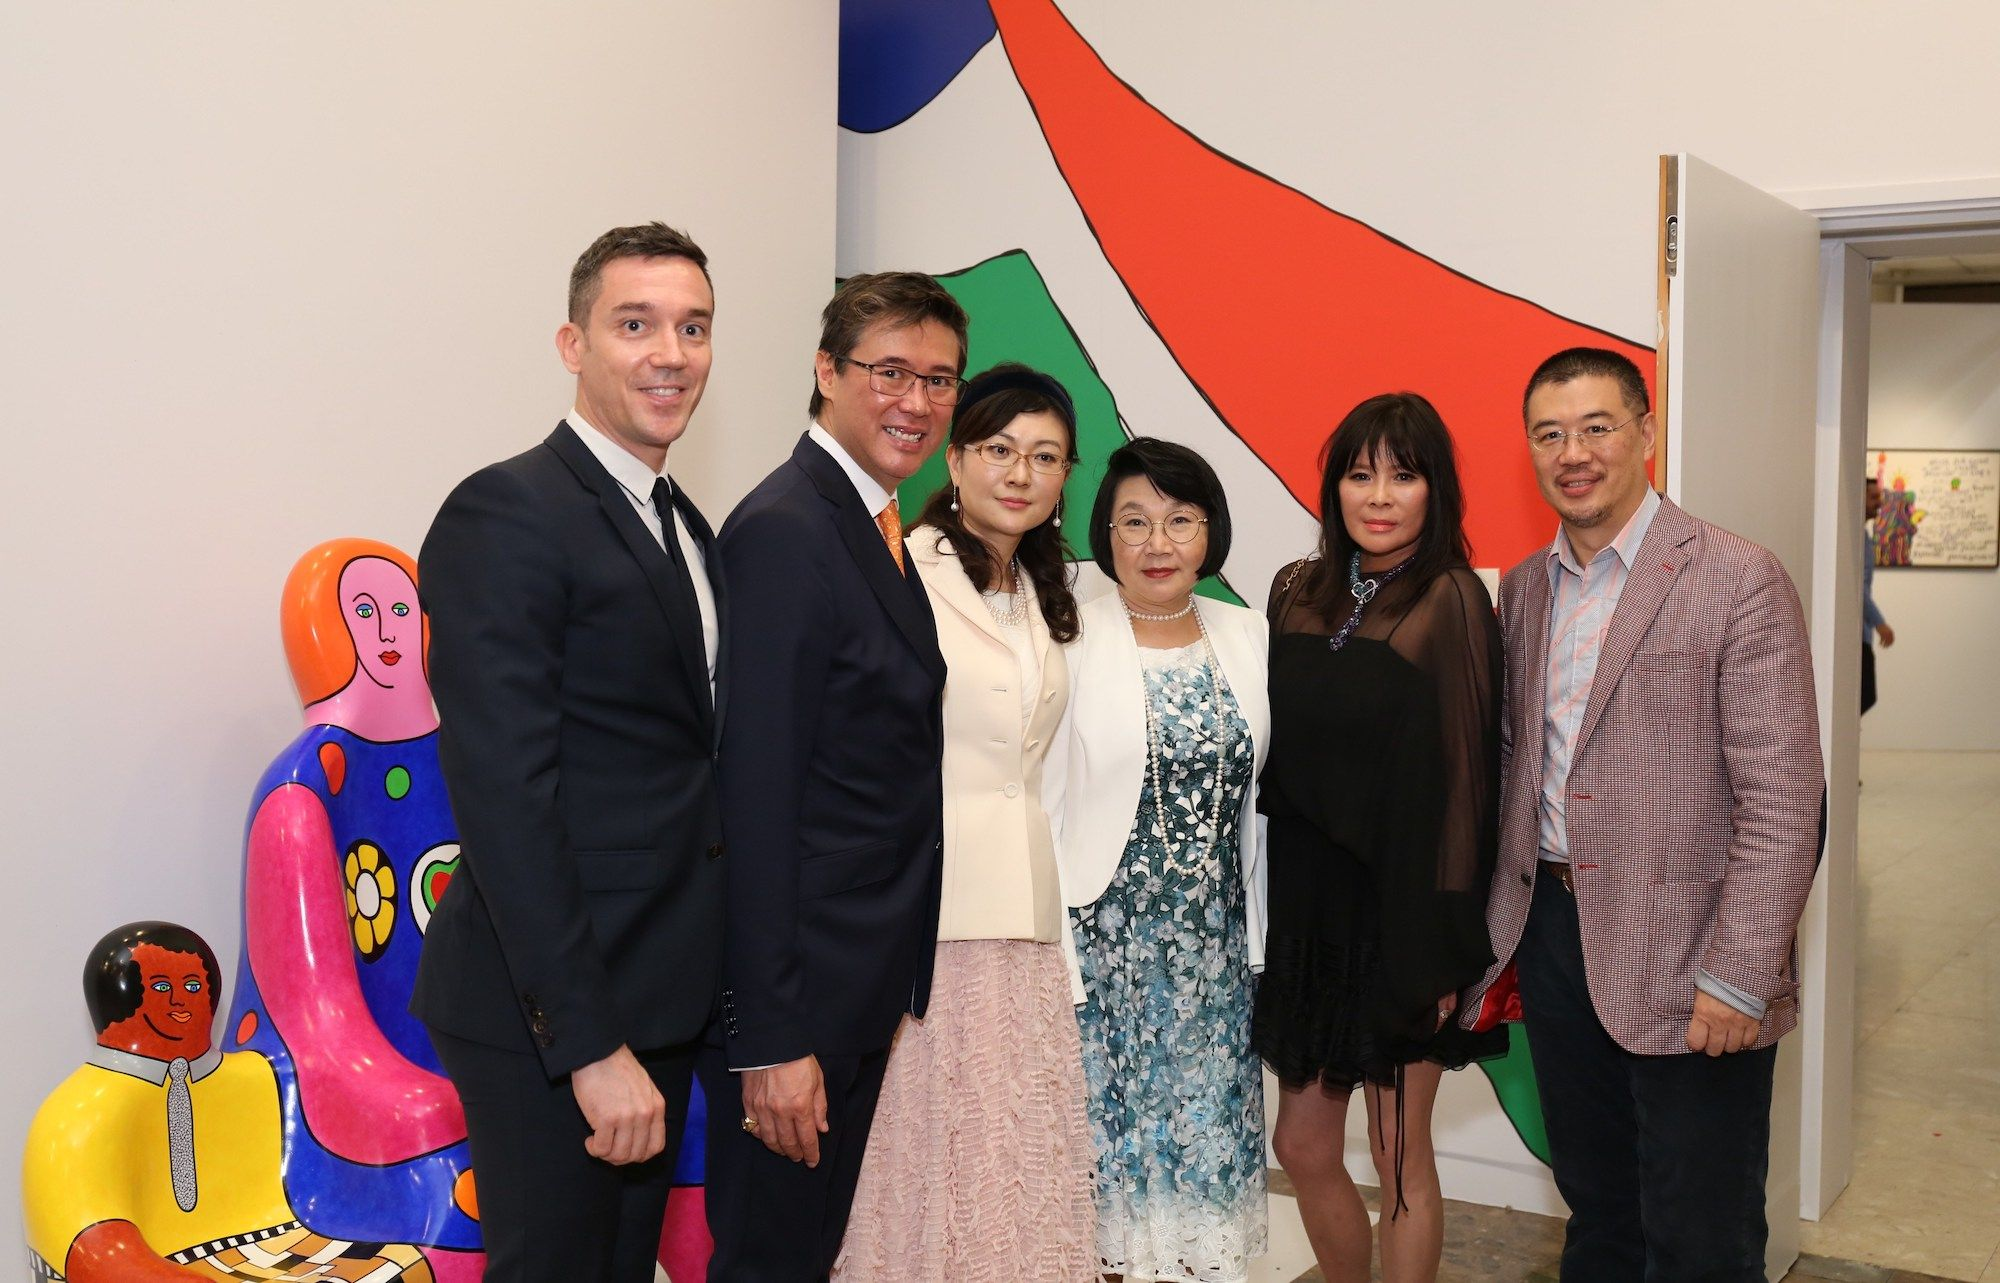 Benoit Etienne, Andrew Yuen, Miky Kambara, Janice Choi, Yvette Yung, Andrew Kinoshita